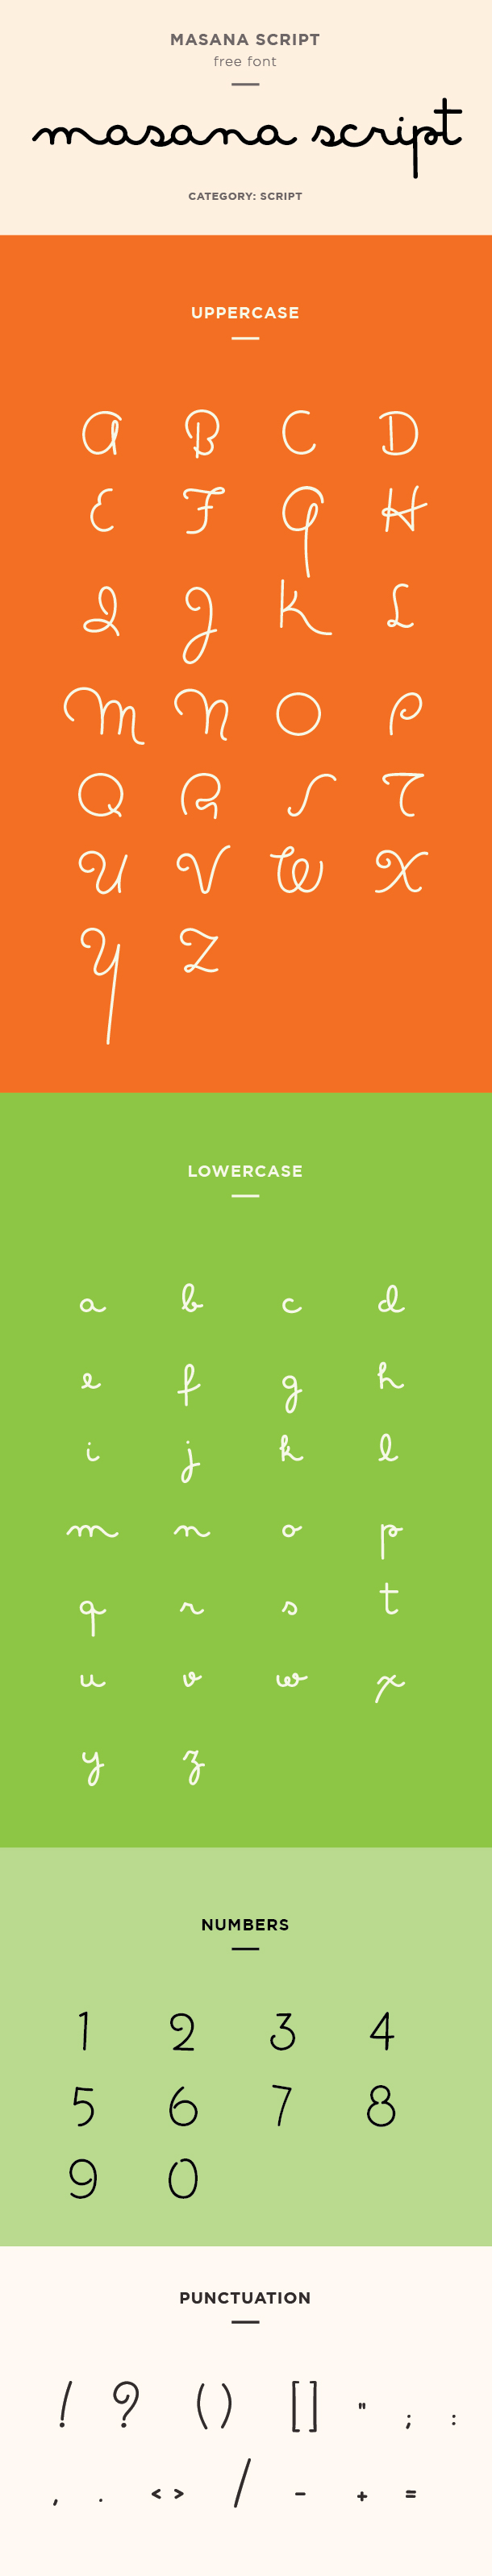 masana script font example